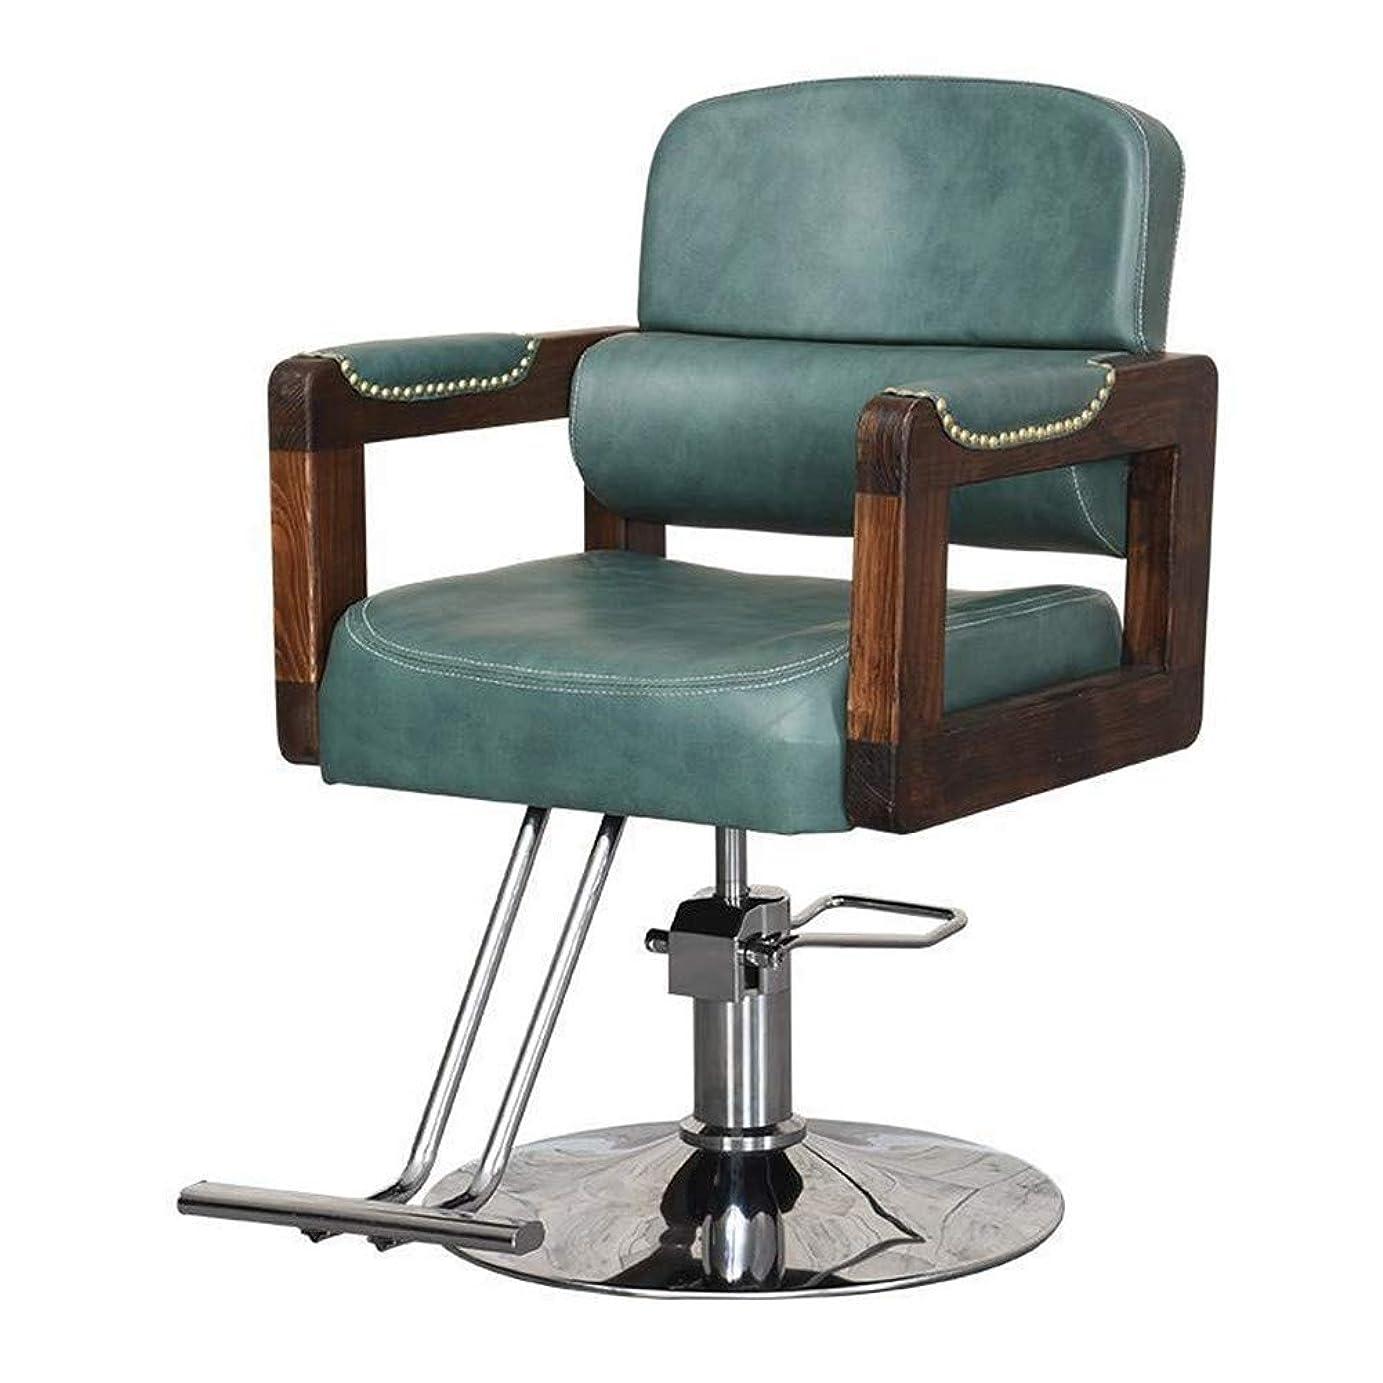 利点子犬クロスサロンの椅子は専門の油圧理髪店の椅子の大広間の美容院の鉱泉のモデリングチェアの円形の基盤を持ち上げるために回すことができます,Brown,B